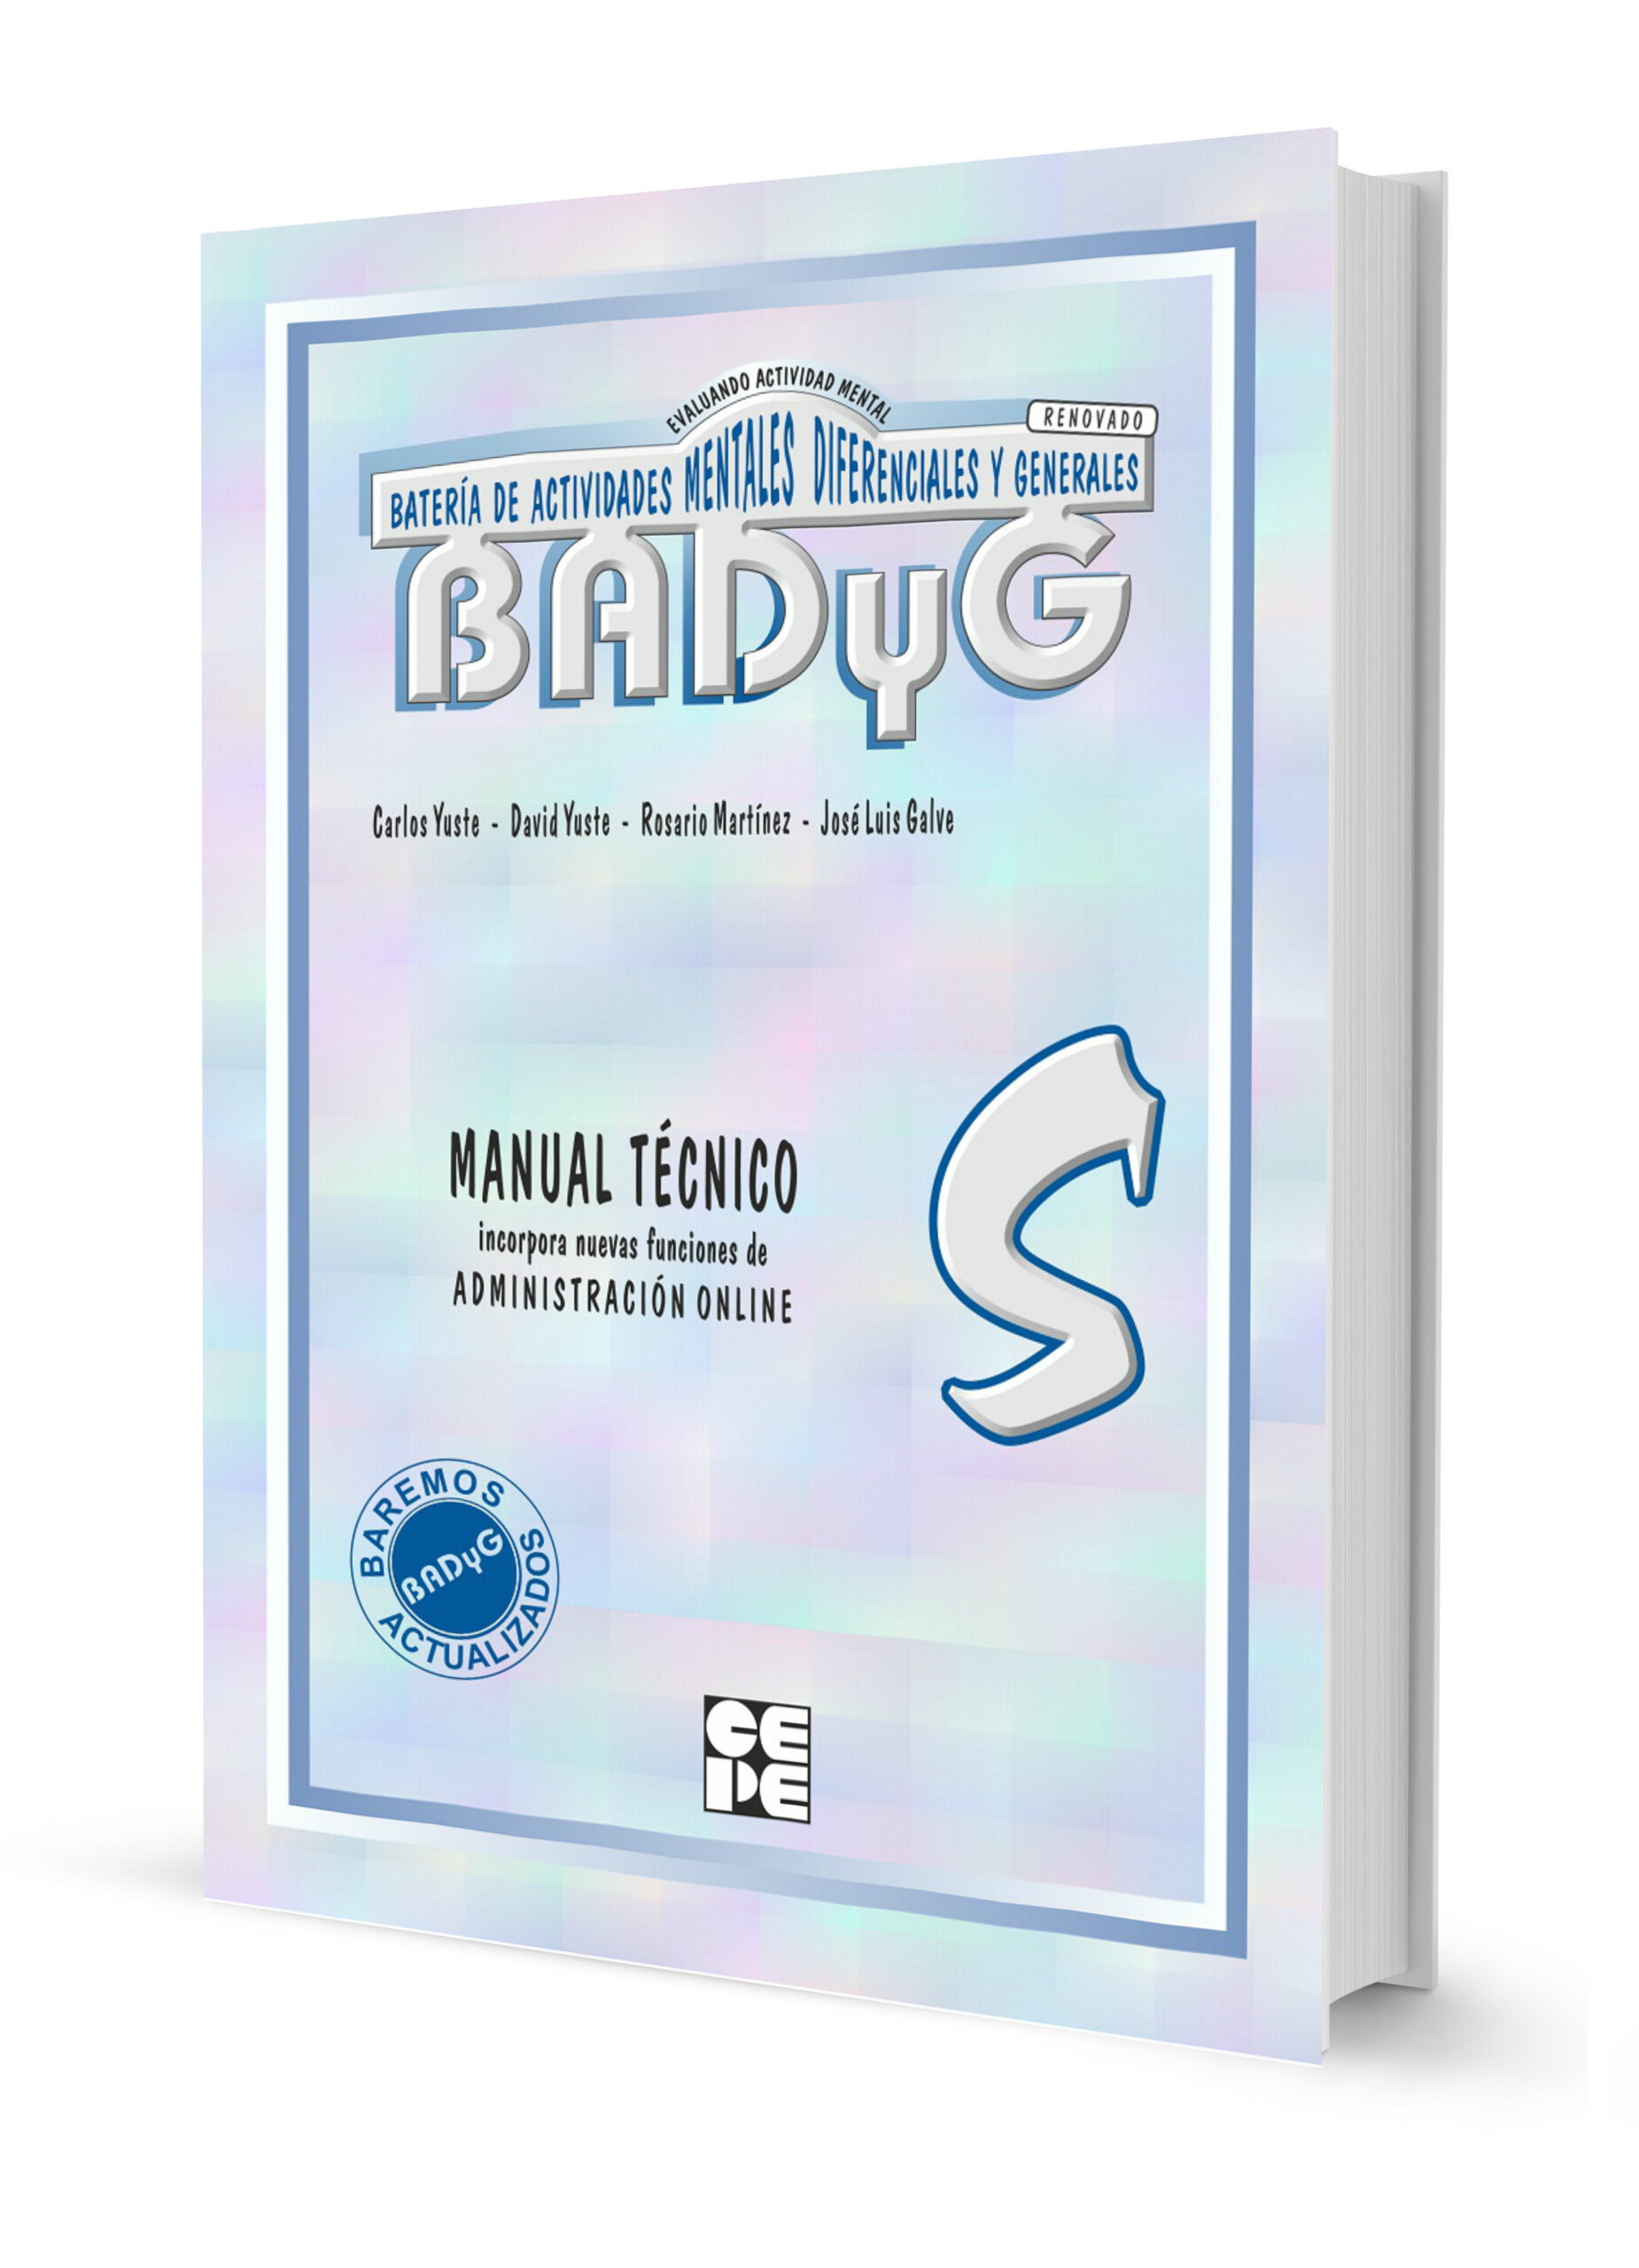 BADYG S – Bateria de aptitudes diferenciales y generales